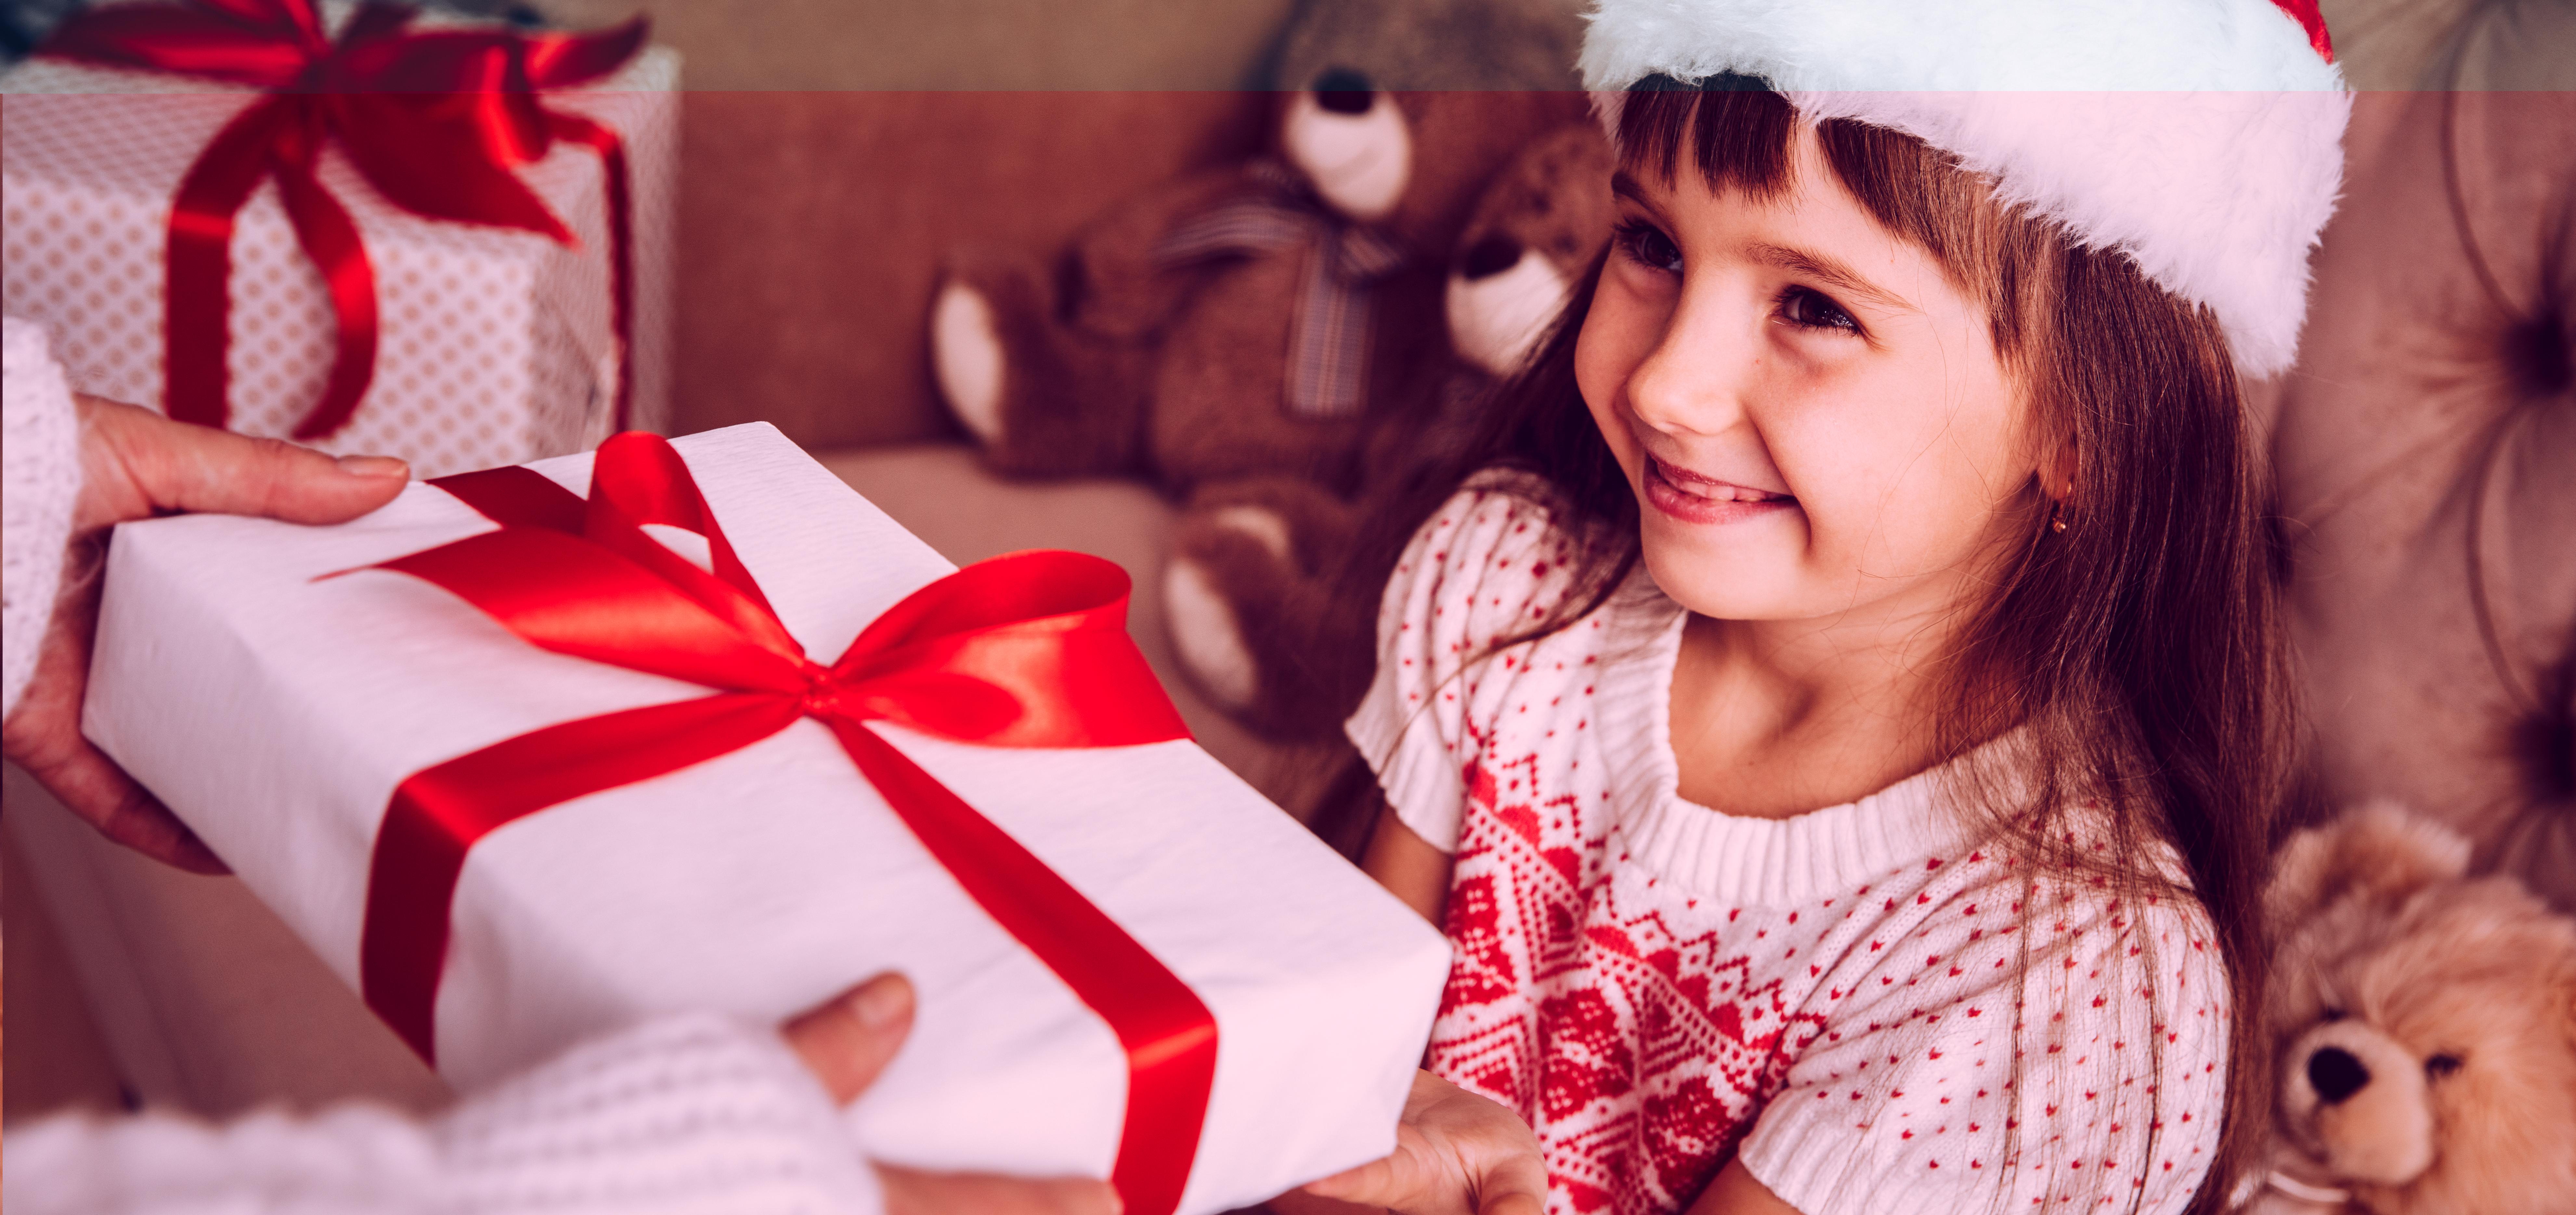 Regali Di Natale Bambina 6 Anni.Regali Di Natale Per Bambini 6 9 Anni Pianetamamma It